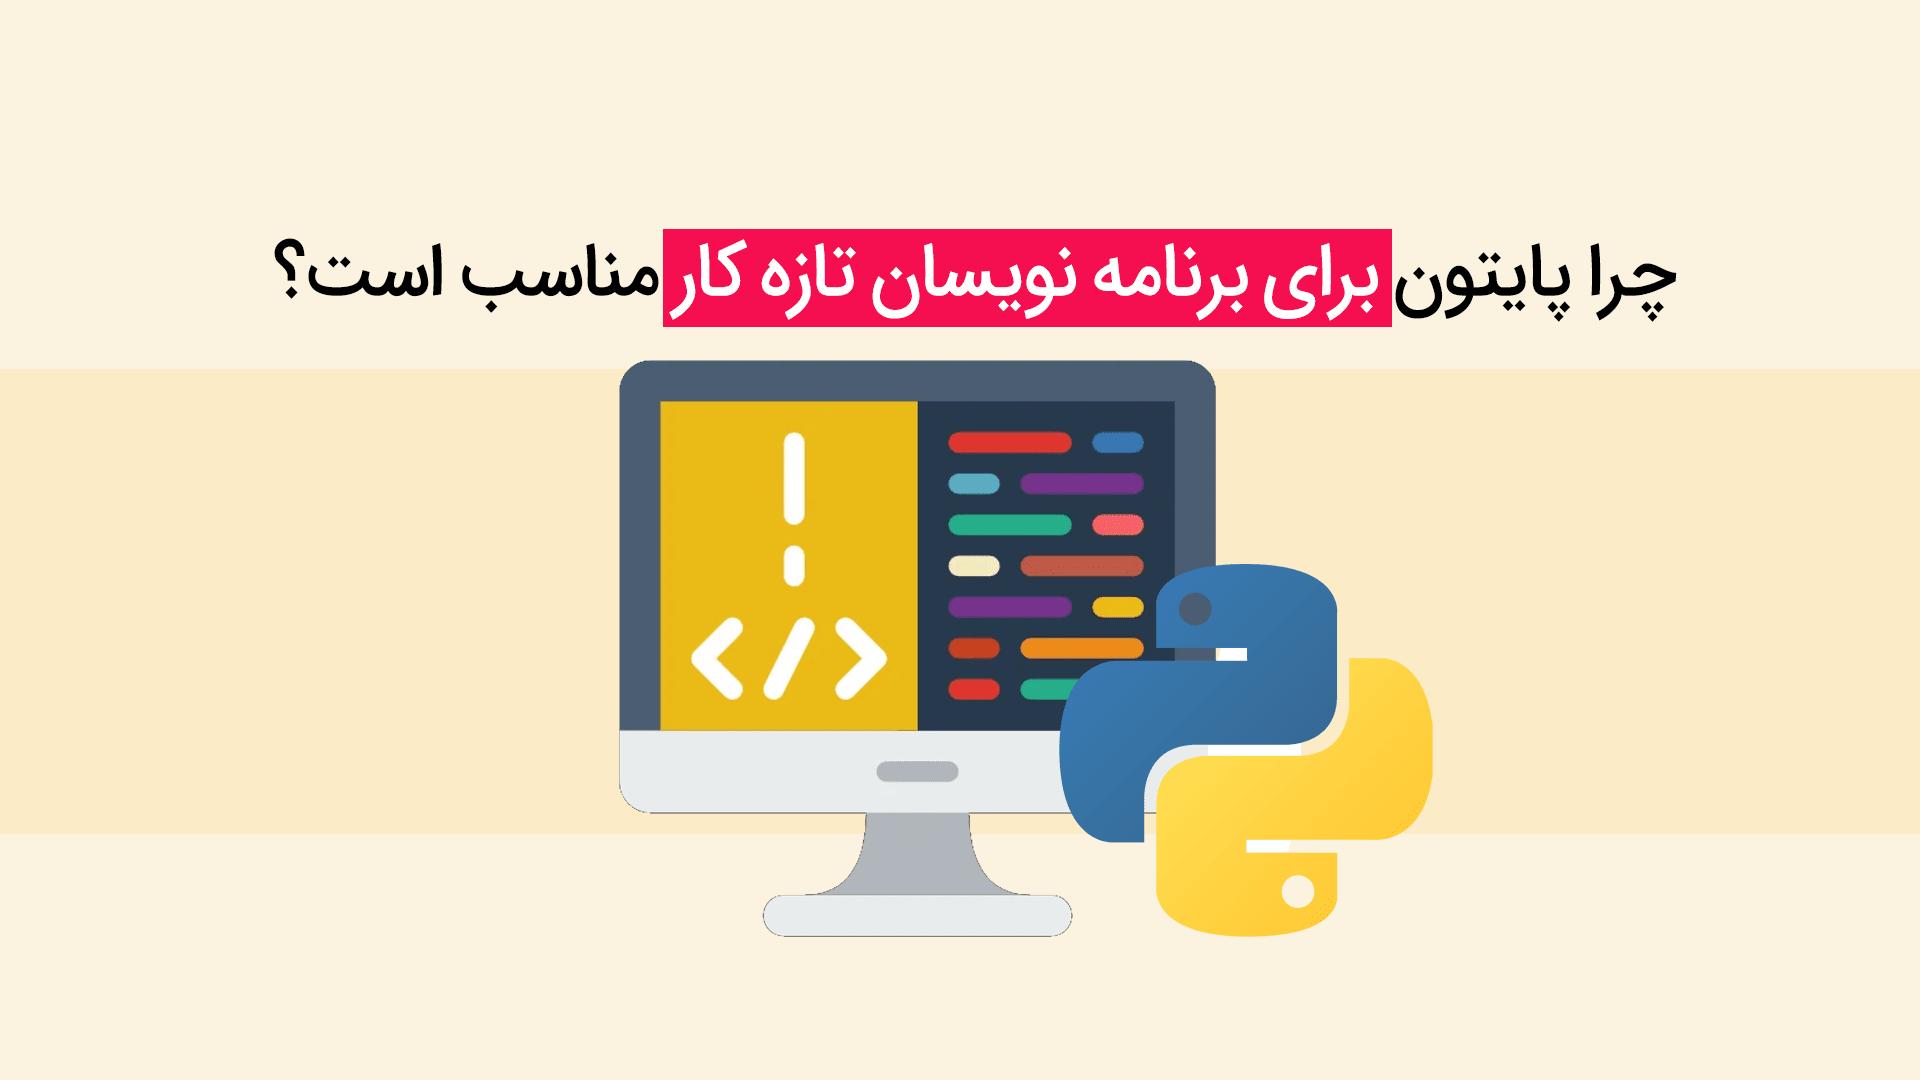 پایتون برای برنامه نویسان تازه